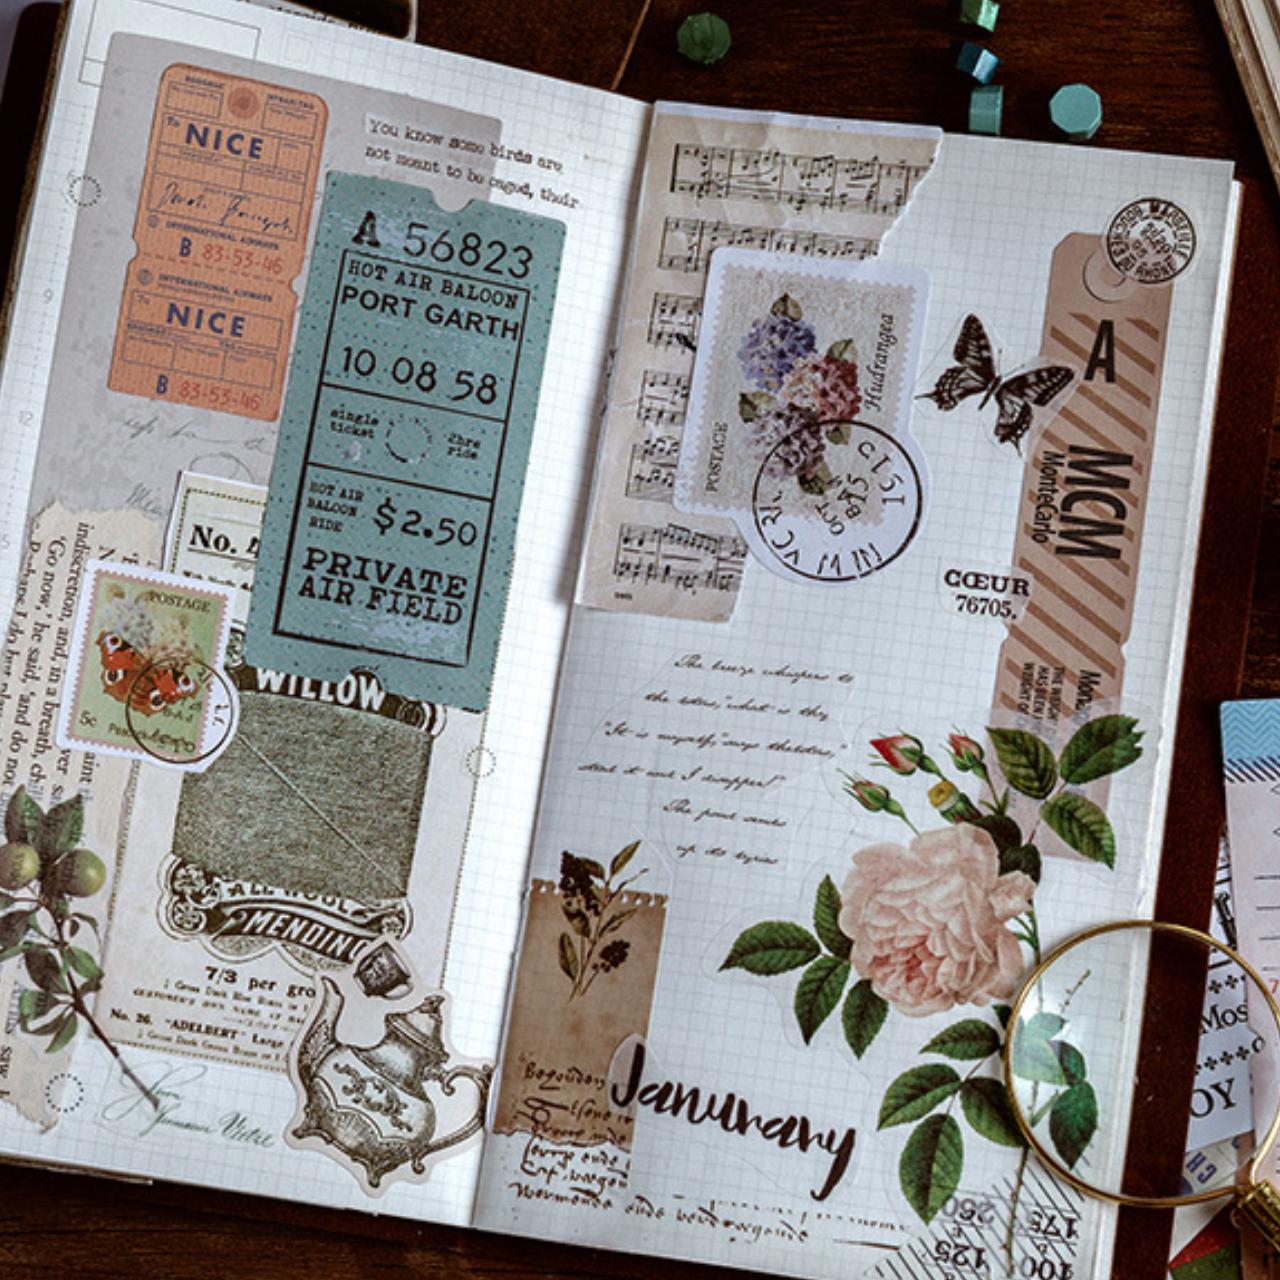 ステッカー メモリーブックシリーズ 全4種 シール 旅行 旅 物語 スタイル トラベル コラージュ ほぼ日手帳 E13